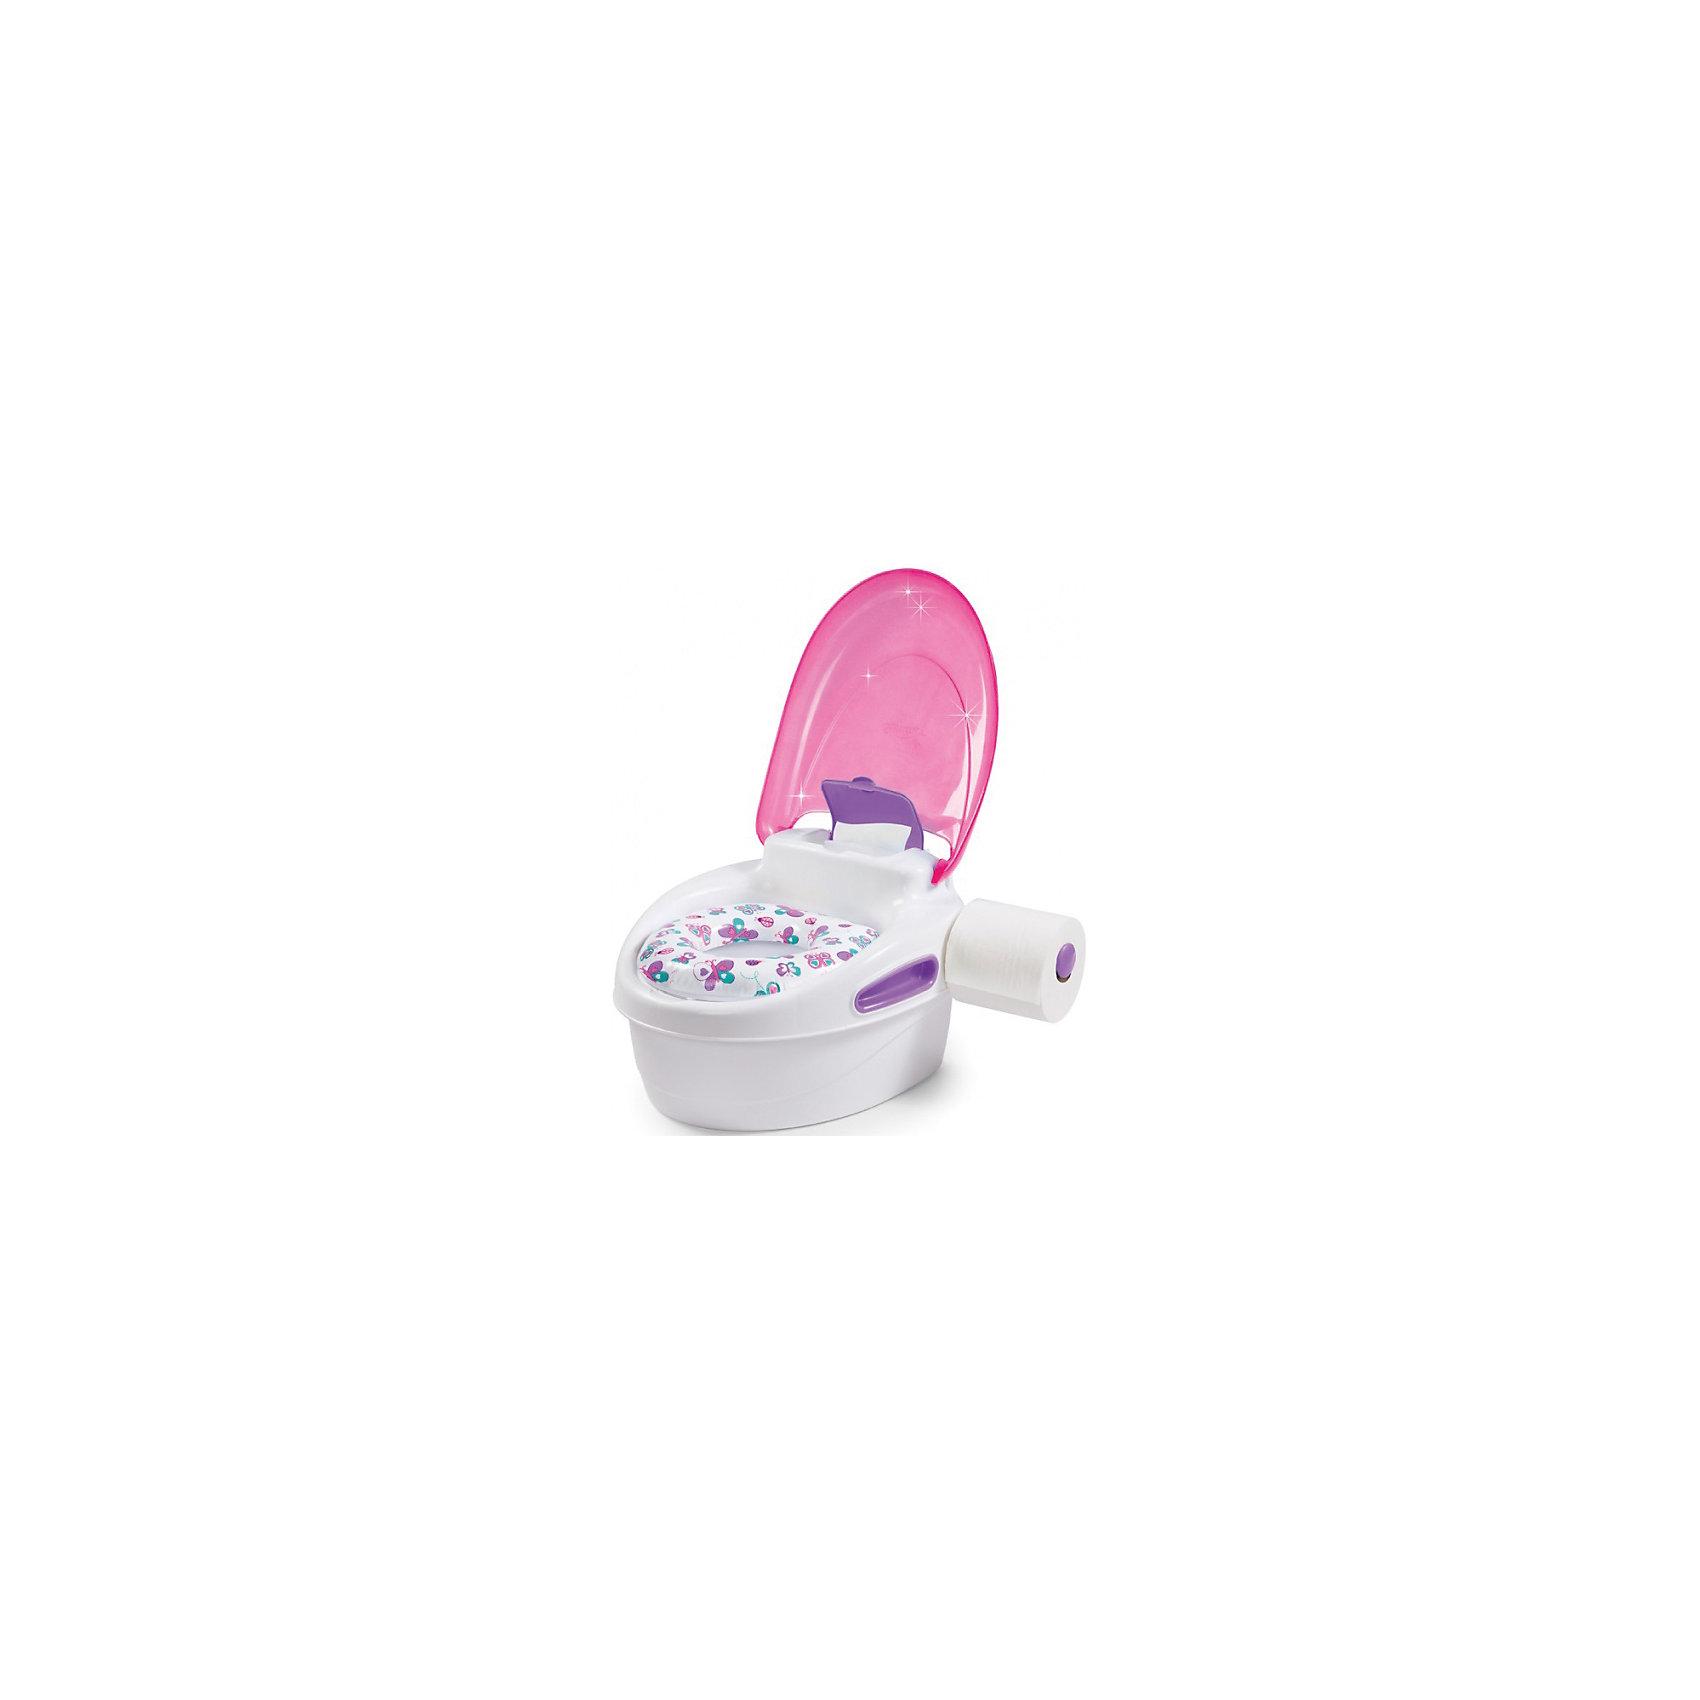 Горшок-подножка 3 в 1, Summer Infant, розовыйГоршок-подножка 3 в 1, Summer Infant, My Fun Potty, обеспечит комфорт и удобство Вашей малышке и поможет ей быстрее приучиться к взрослому унитазу. Горшок состоит из стульчика-подножки, сиденья для унитаза и съемного резервуара. Удобное анатомическое сиденье обеспечивает ребенку максимальный комфорт, а когда малышка подрастет его можно установить на ободок взрослого унитаза. При необходимости горшок с закрывающейся крышкой легко трансформируется в удобную подножку, чтобы ребенок мог достать до раковины или взрослого унитаза. Резиновые основания горшка обеспечивают устойчивость и предотвращают скольжение по полу. Горшок снащен ручками для поддержания равновесия малыша, боксом для хранения влажных салфеток и держателем для туалетной бумаги. Рекомендовано для детей от 18 месяцев до 5 лет.<br><br>Дополнительная информация:<br><br>- Цвет: розовый.<br>- Материал: полипропилен. <br>- Размер горшка в собранном виде: 37 х 32 х 23 см.<br>- Размер подставки: 37 х 32 х 12,5 см.<br>- Вес: 1,2 кг.<br><br>Горшок-подножку 3 в 1, Summer Infant, розовый, можно купить в нашем интернет-магазине.<br><br>Ширина мм: 250<br>Глубина мм: 220<br>Высота мм: 300<br>Вес г: 1500<br>Возраст от месяцев: 9<br>Возраст до месяцев: 36<br>Пол: Женский<br>Возраст: Детский<br>SKU: 4722149